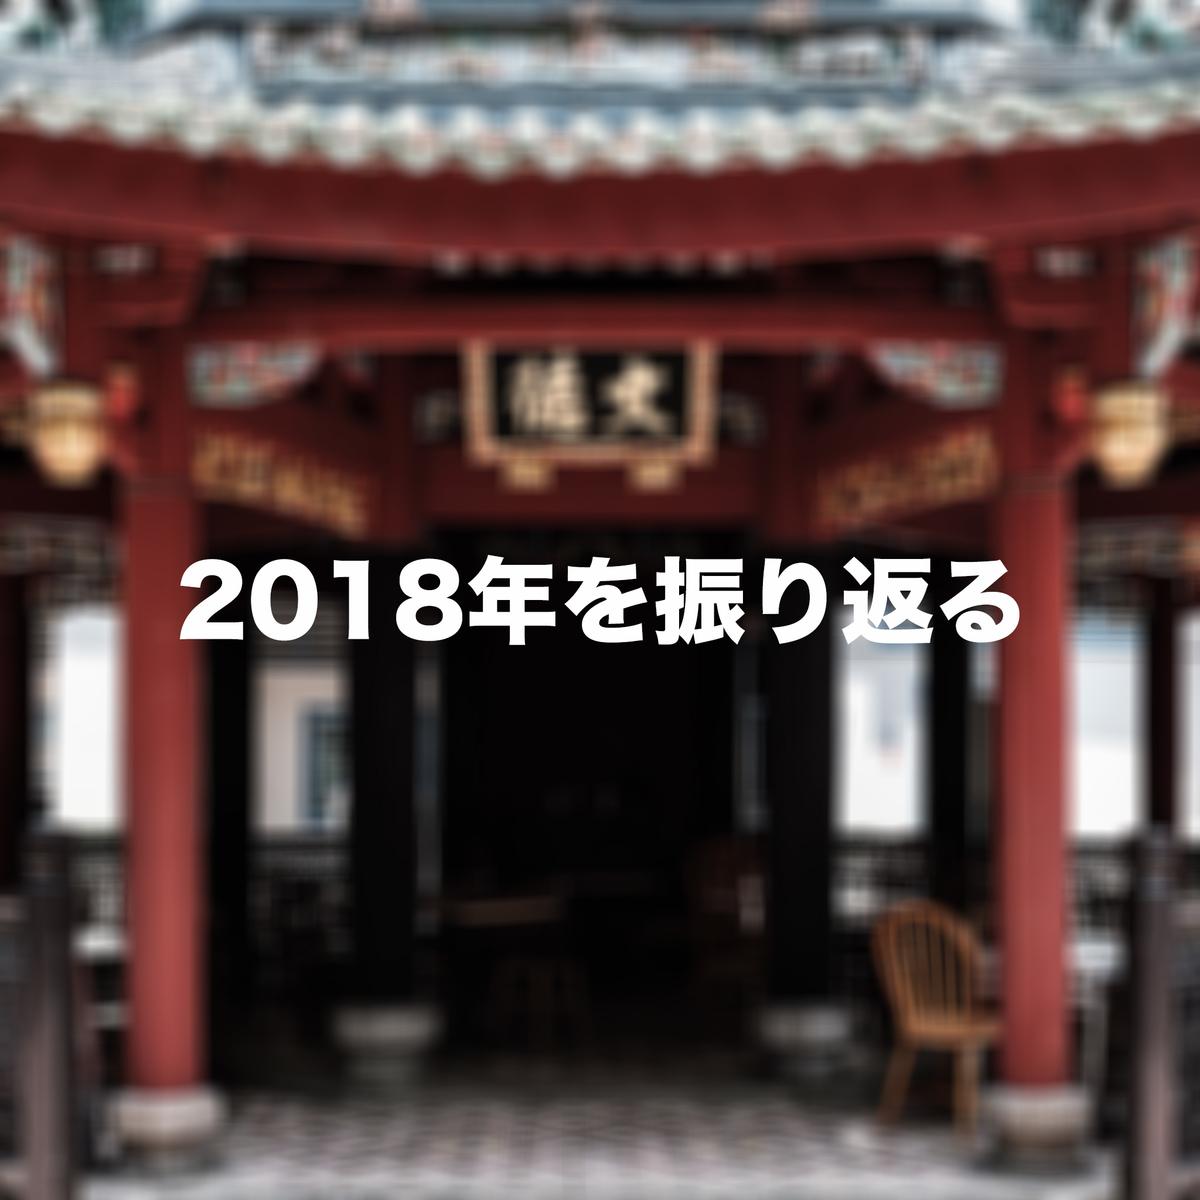 f:id:tidus_tabilog:20210408105600j:plain